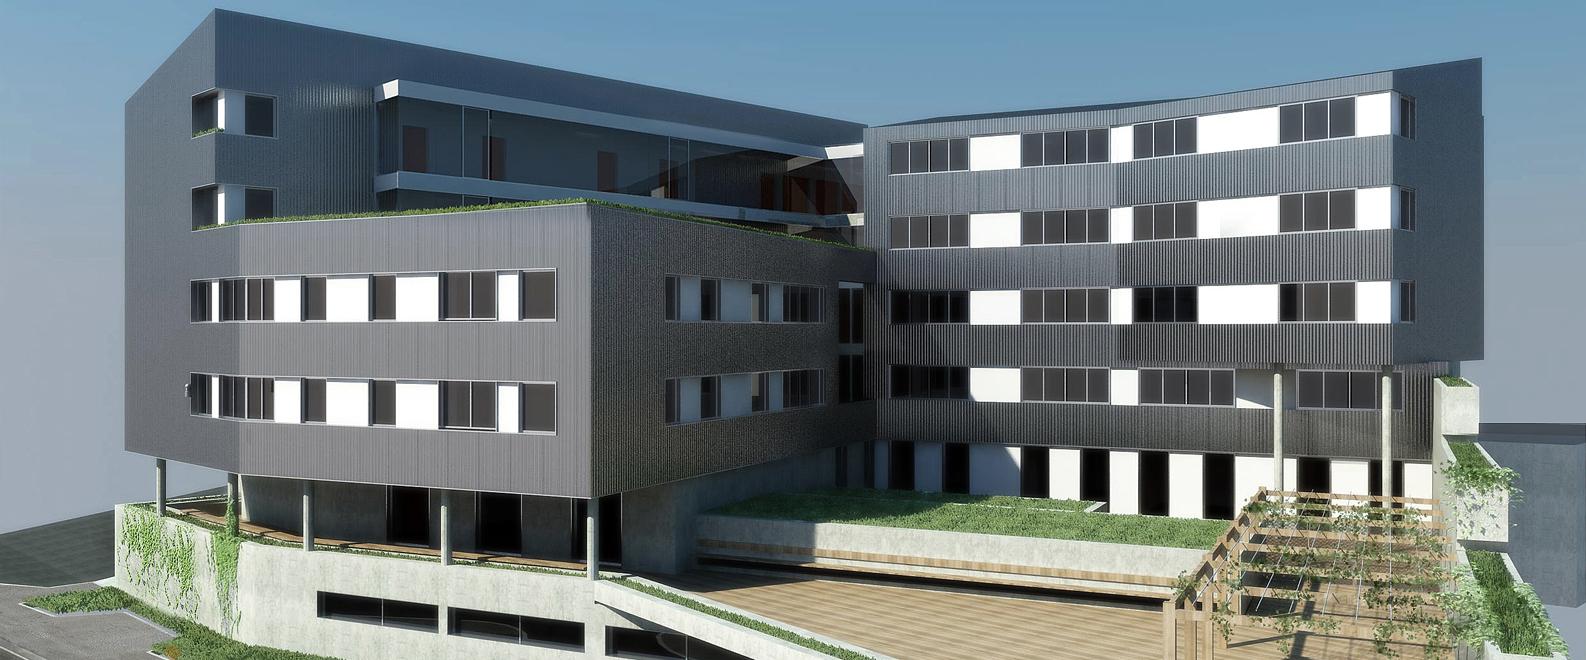 Proyecto de edificacion de viviendas en lekeitio vista - Proyectos de viviendas unifamiliares ...